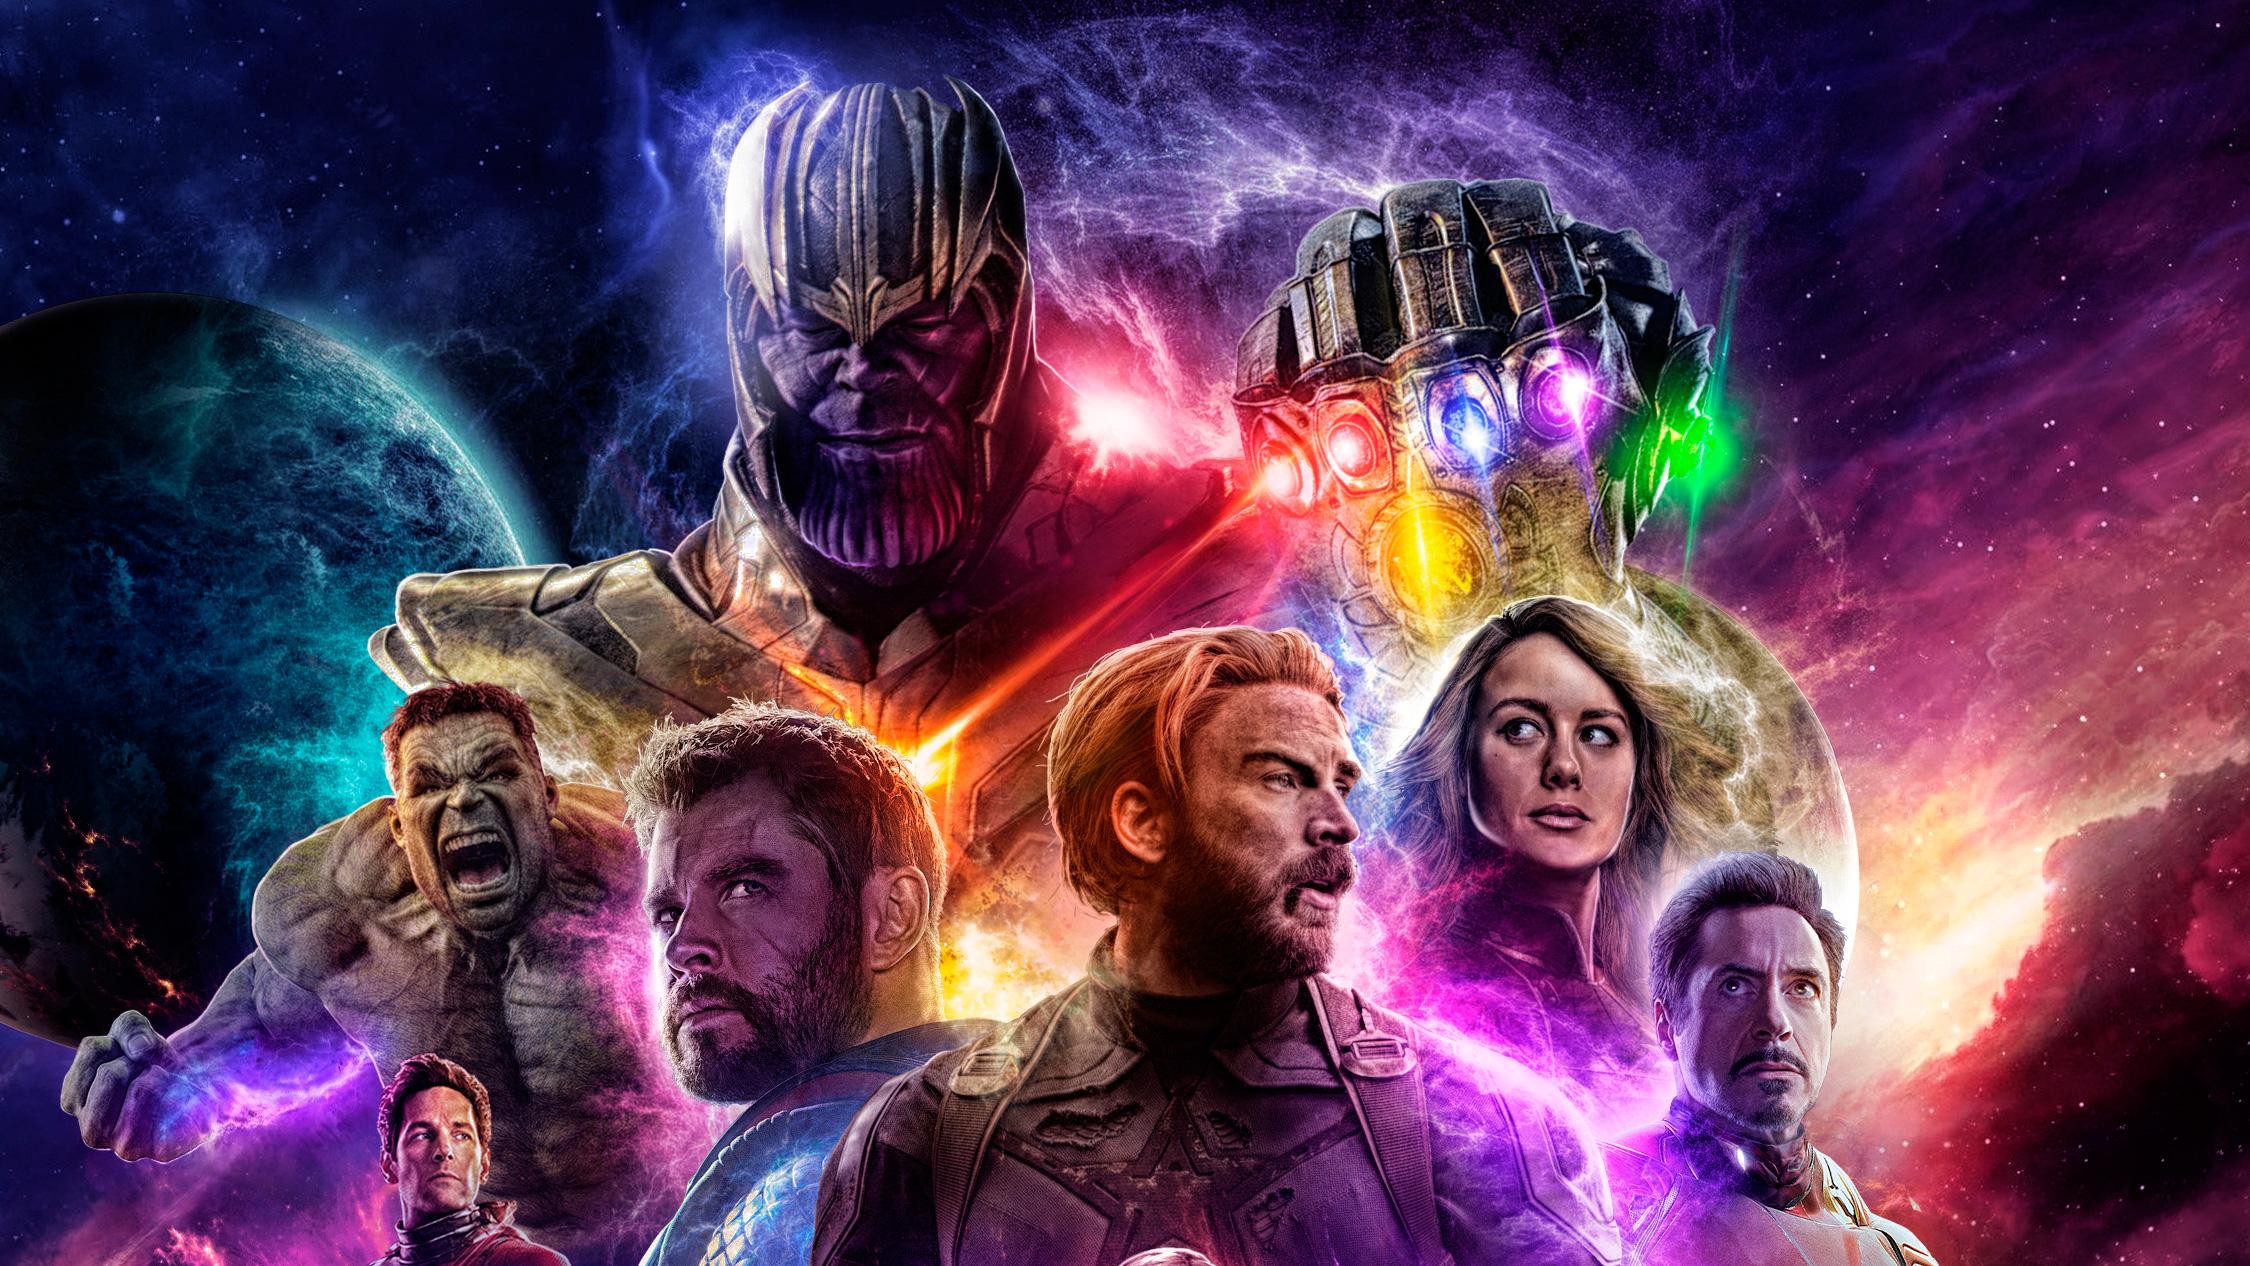 avengers 4 endgame movie wallpaper 66239